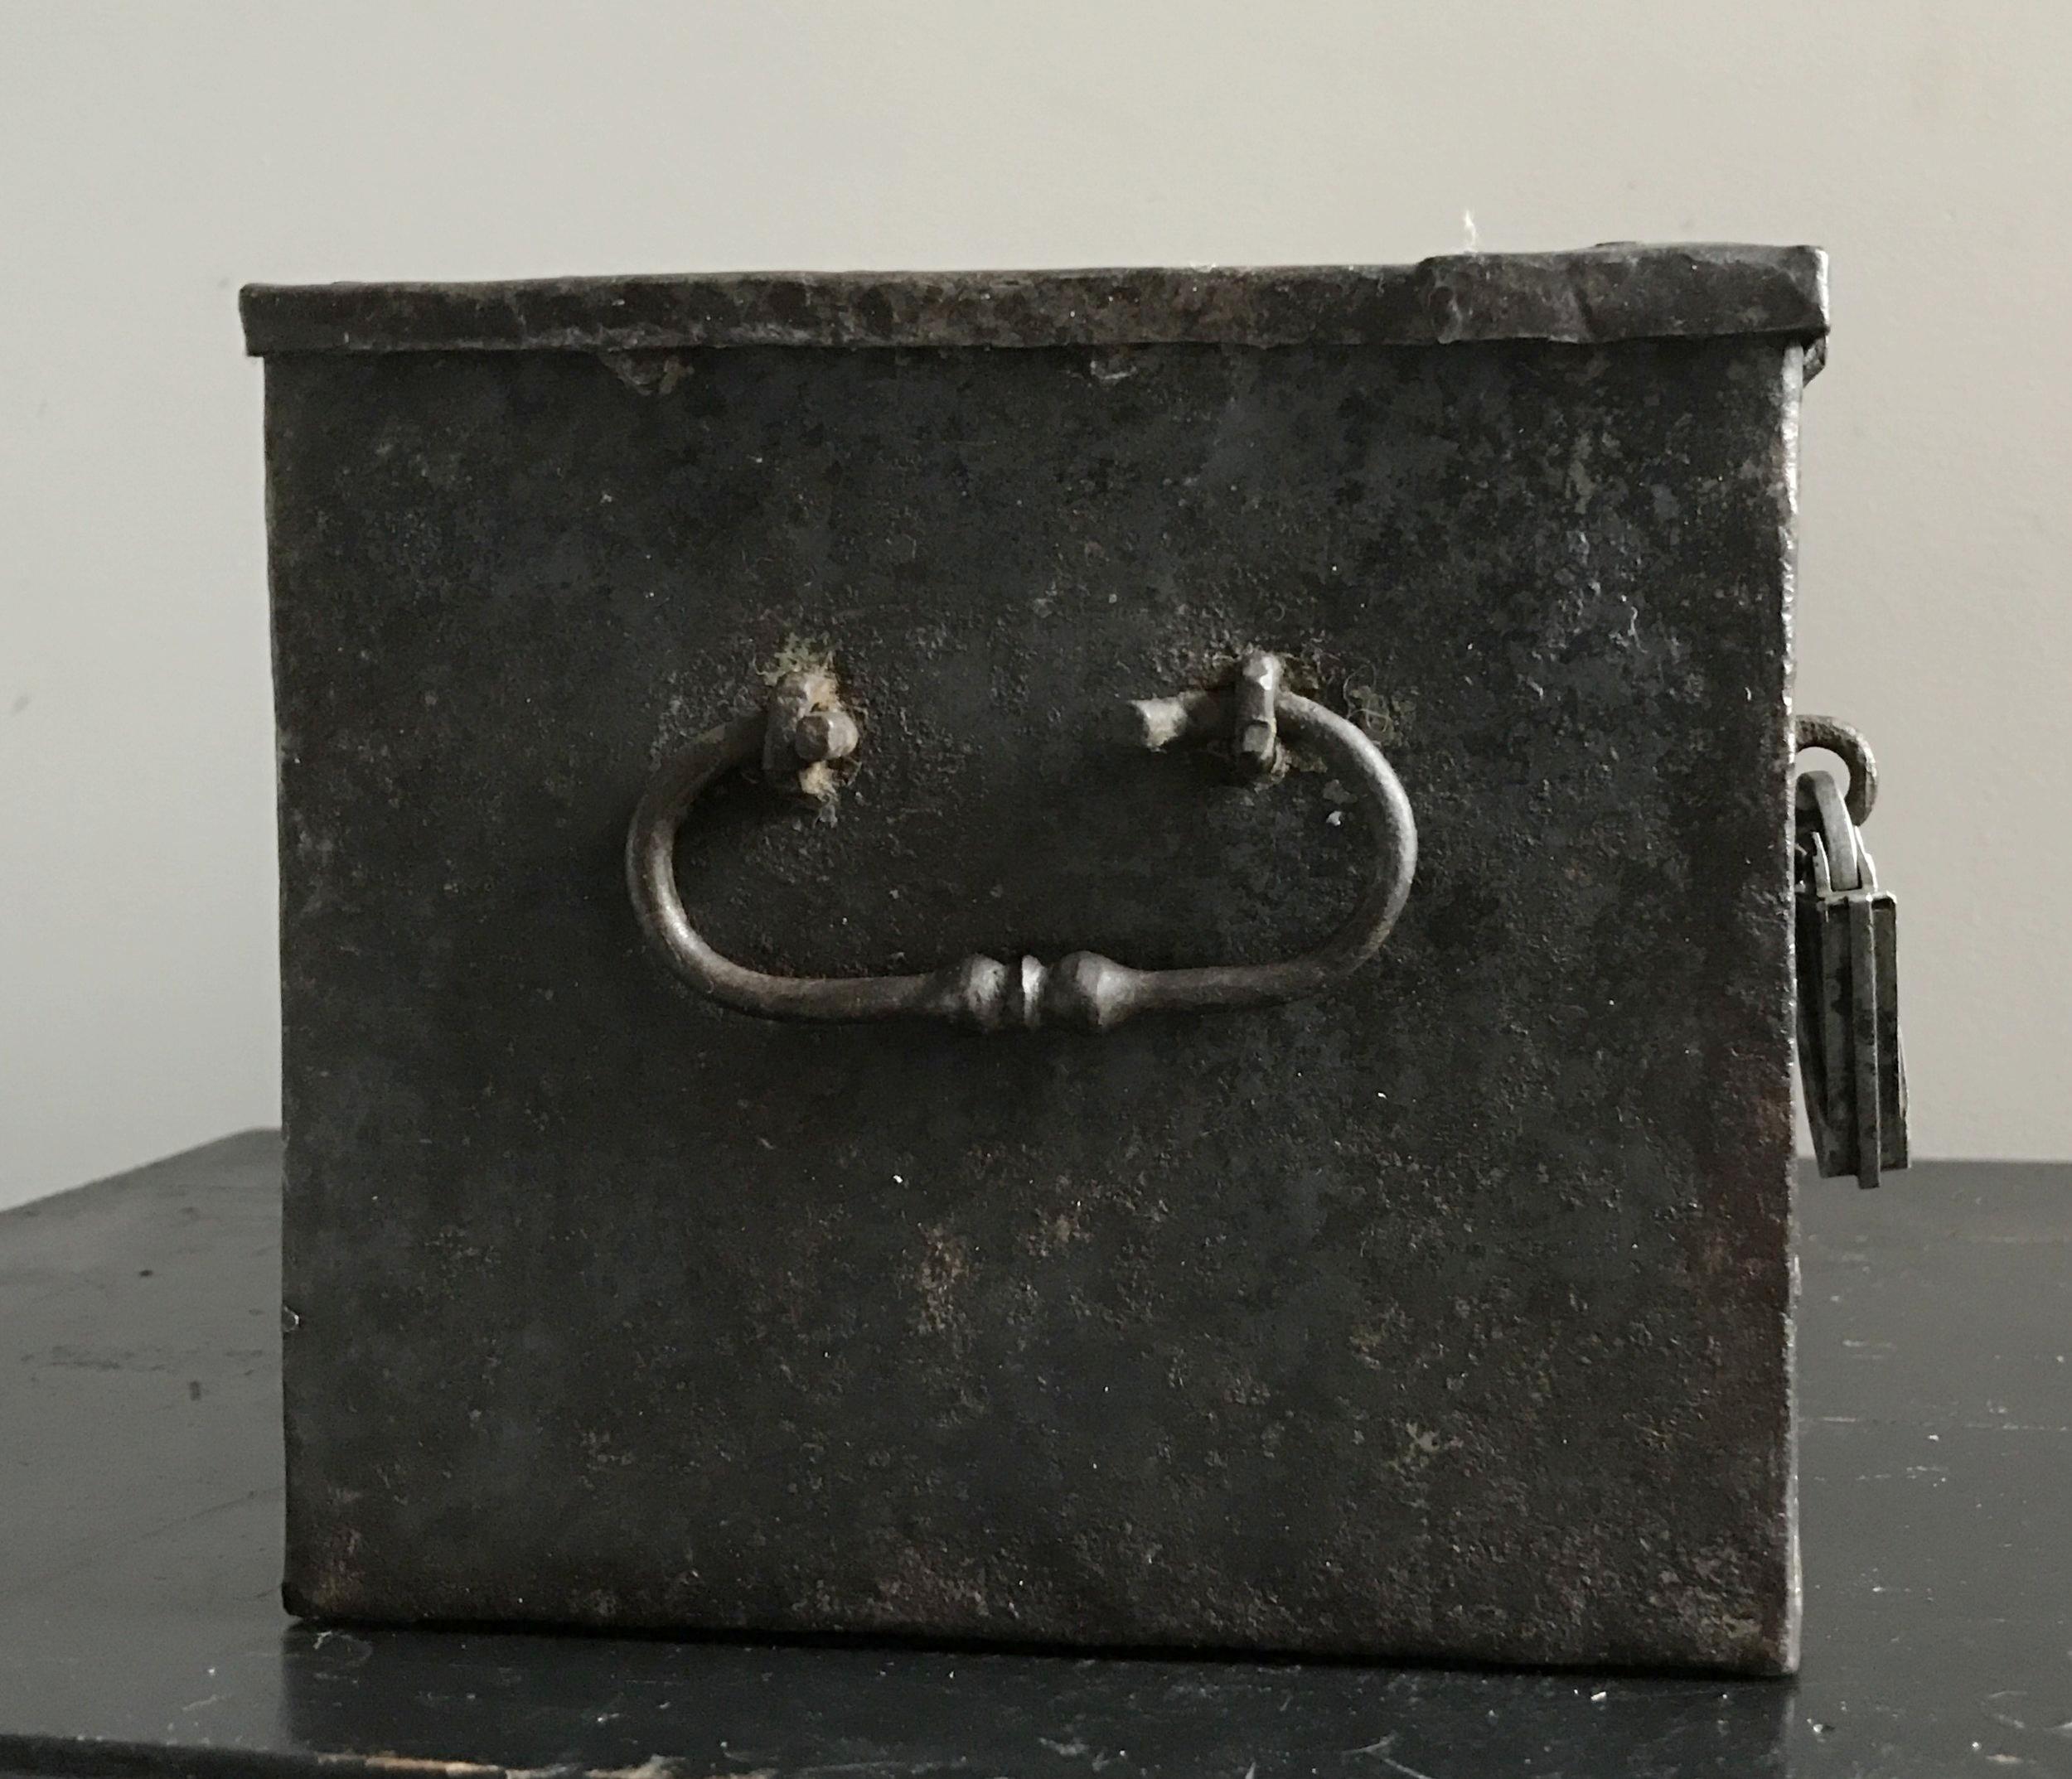 teremok_antiques_german_casket_1.jpg